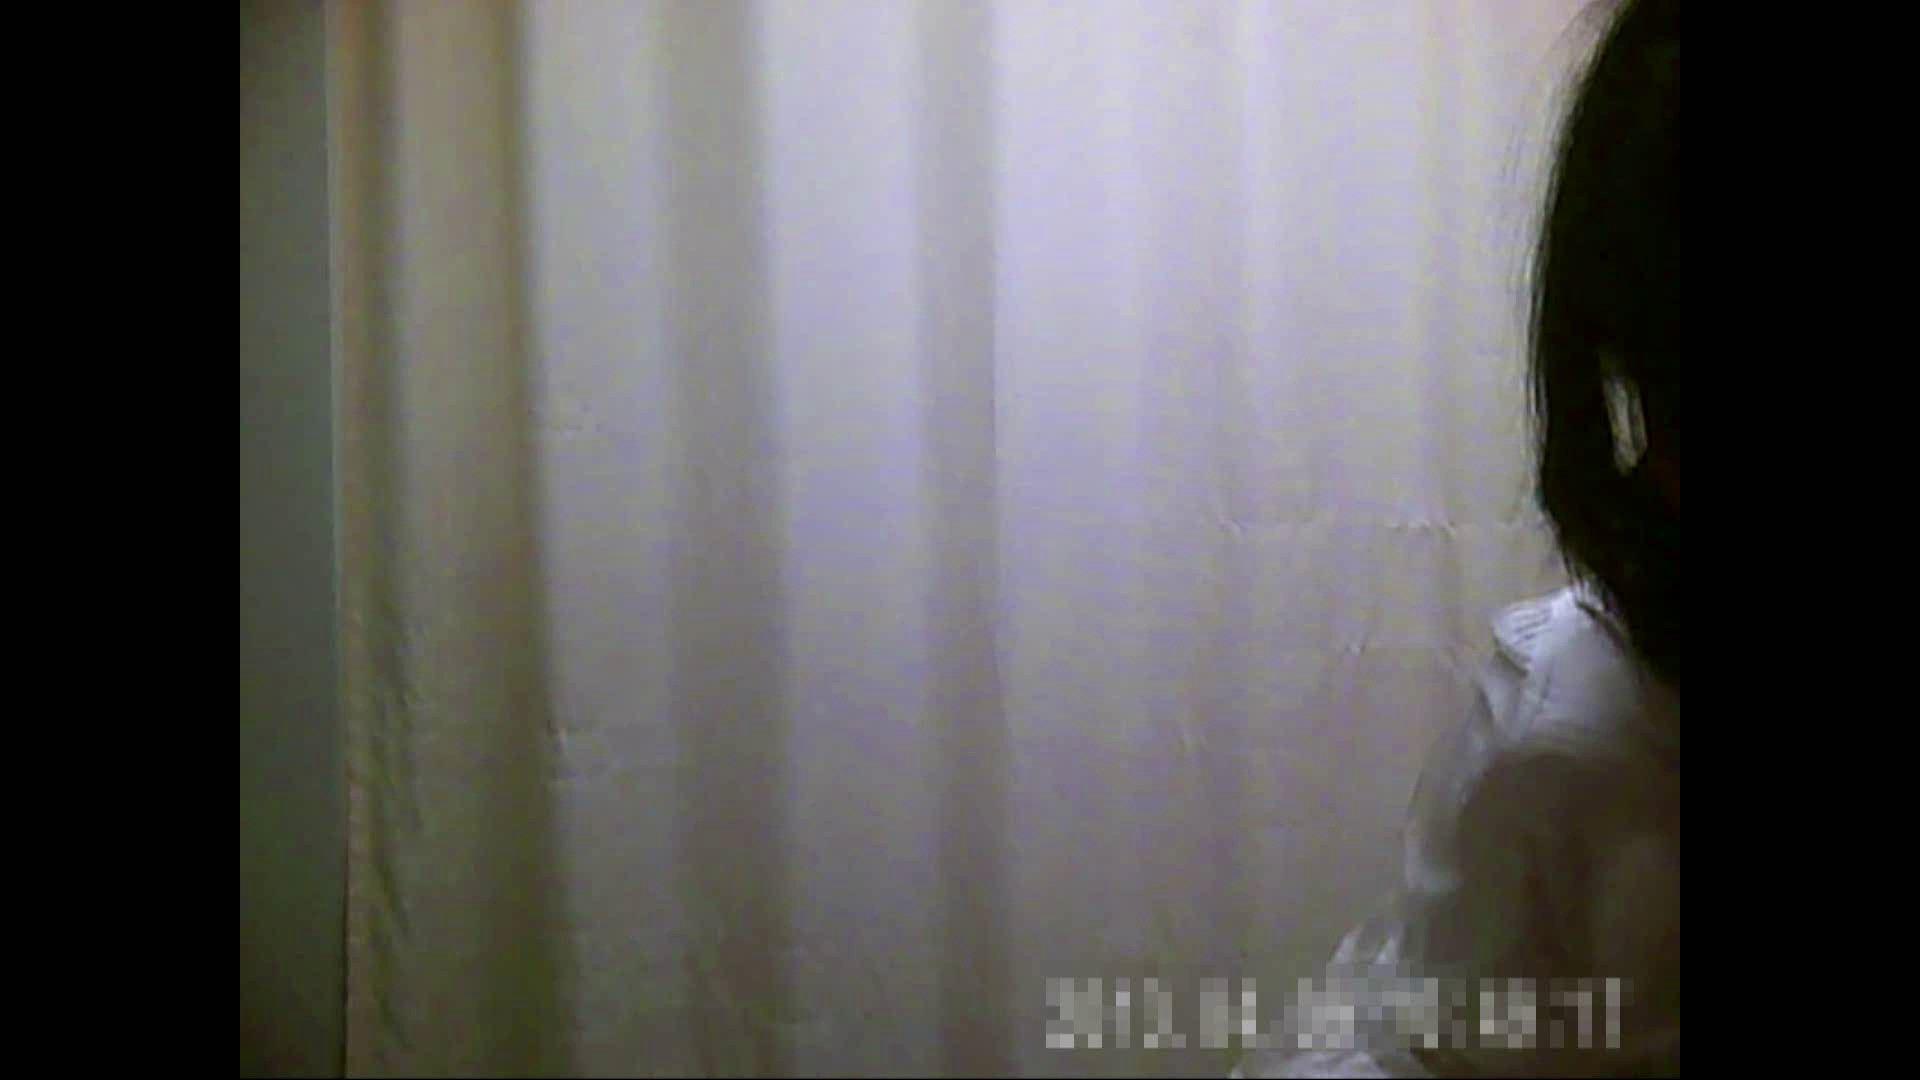 病院おもいっきり着替え! vol.199 乳首 オマンコ無修正動画無料 106画像 93